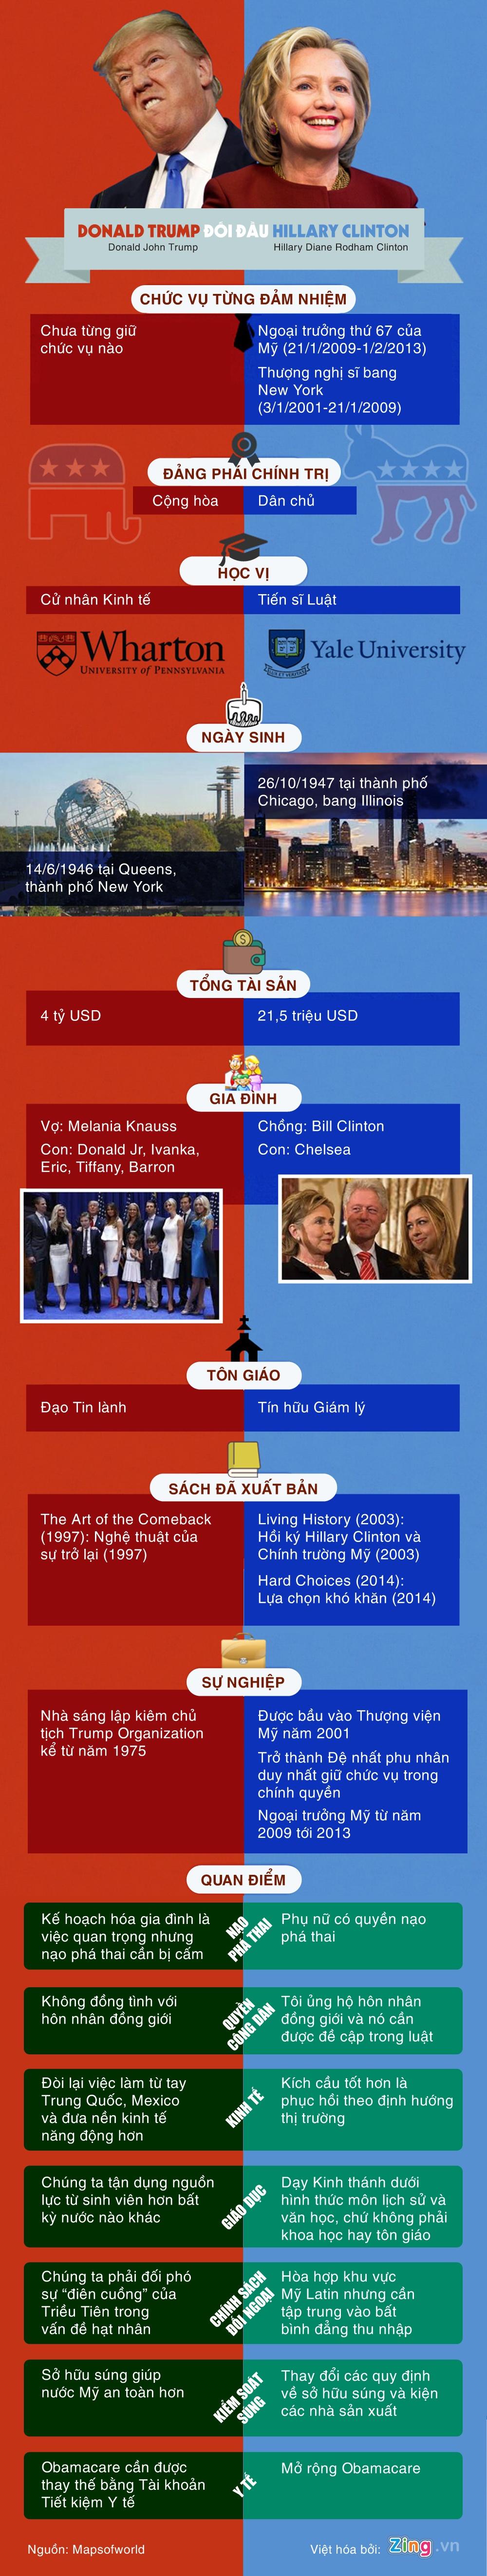 Buc tranh doi lap giua ba Clinton va ong Trump hinh anh 1